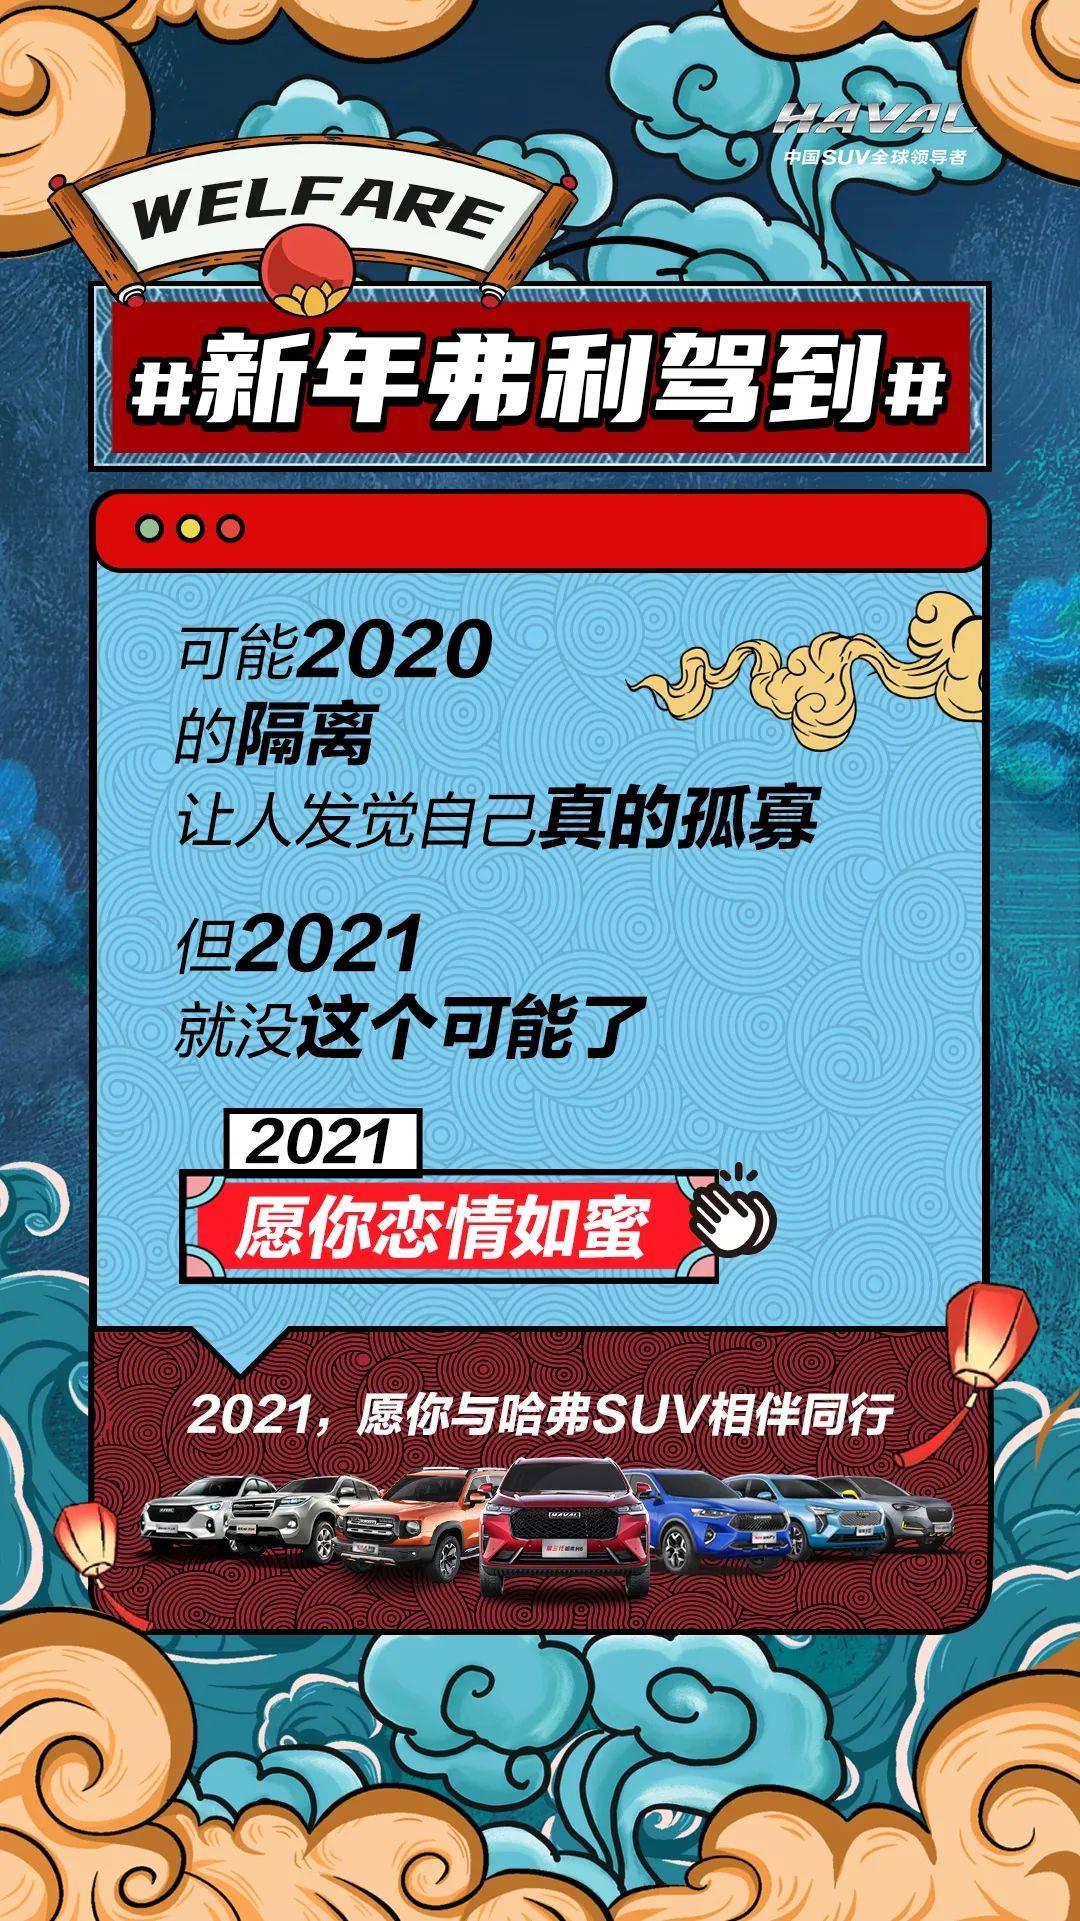 这不就是你想要的2021吗!